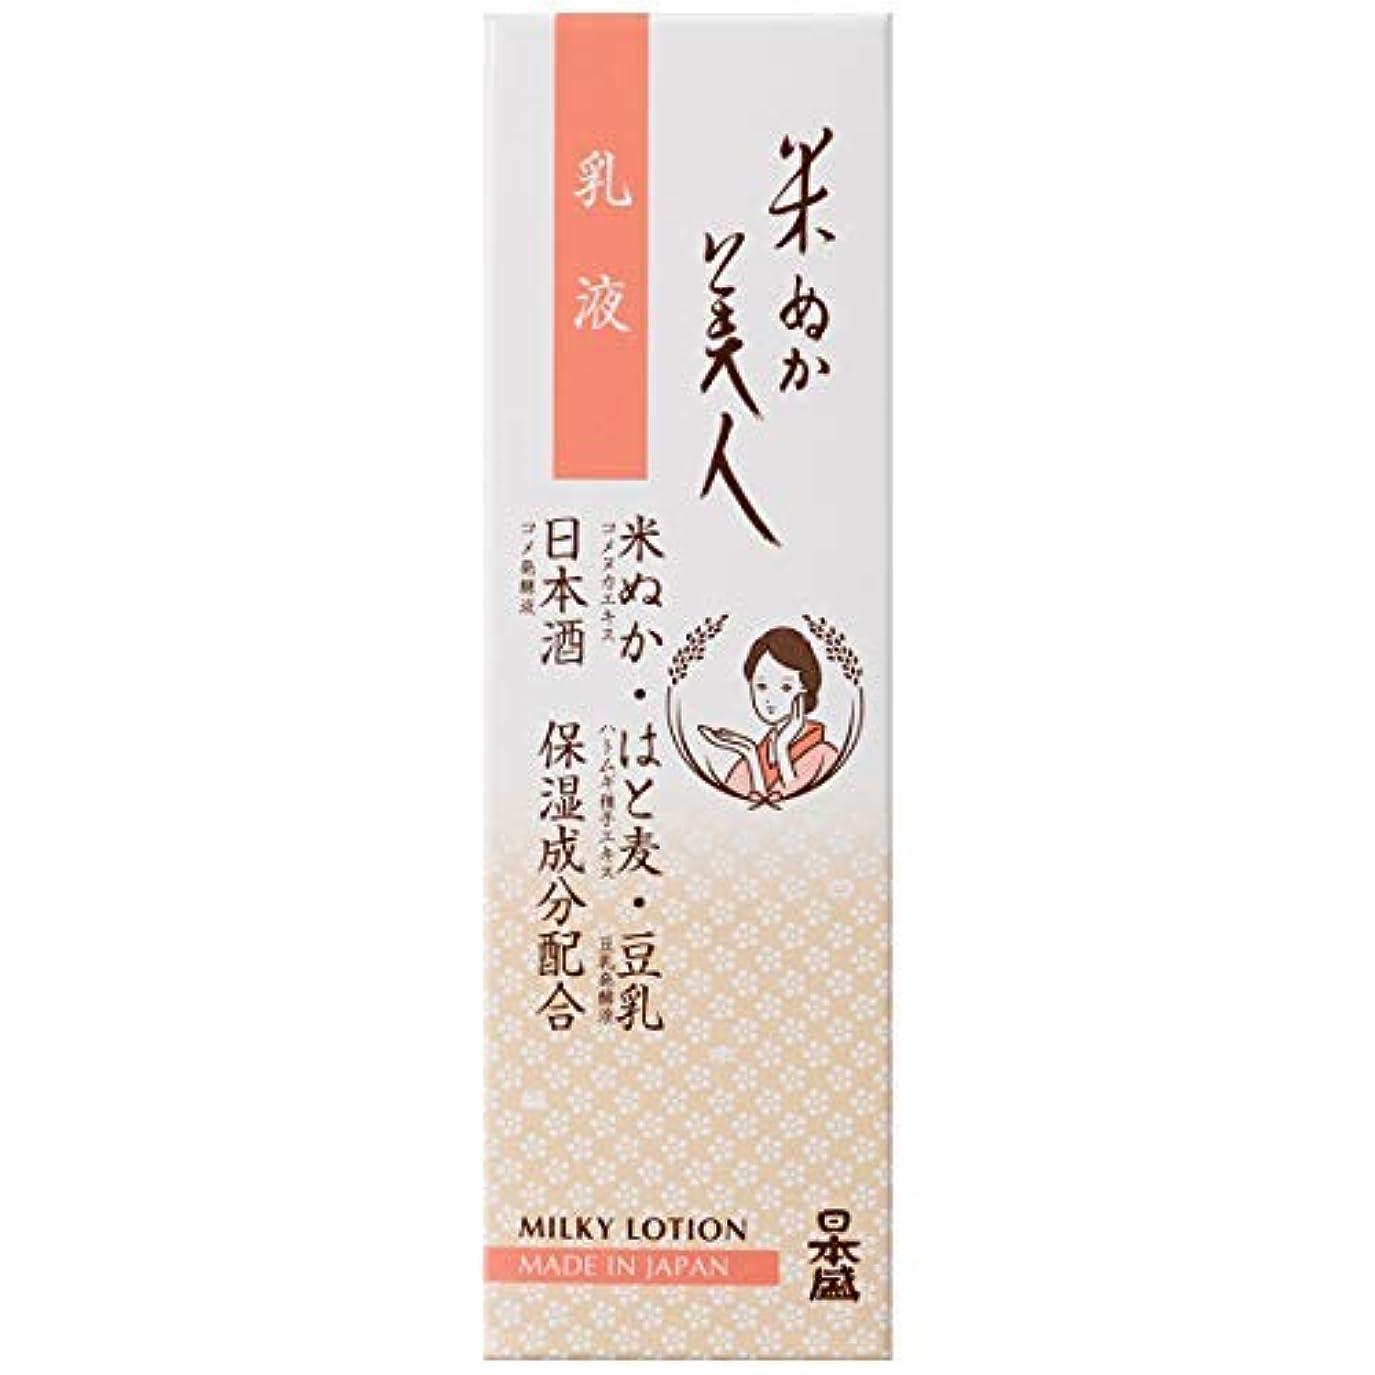 小間共和国ベーカリー米ぬか美人 乳液 × 18個セット